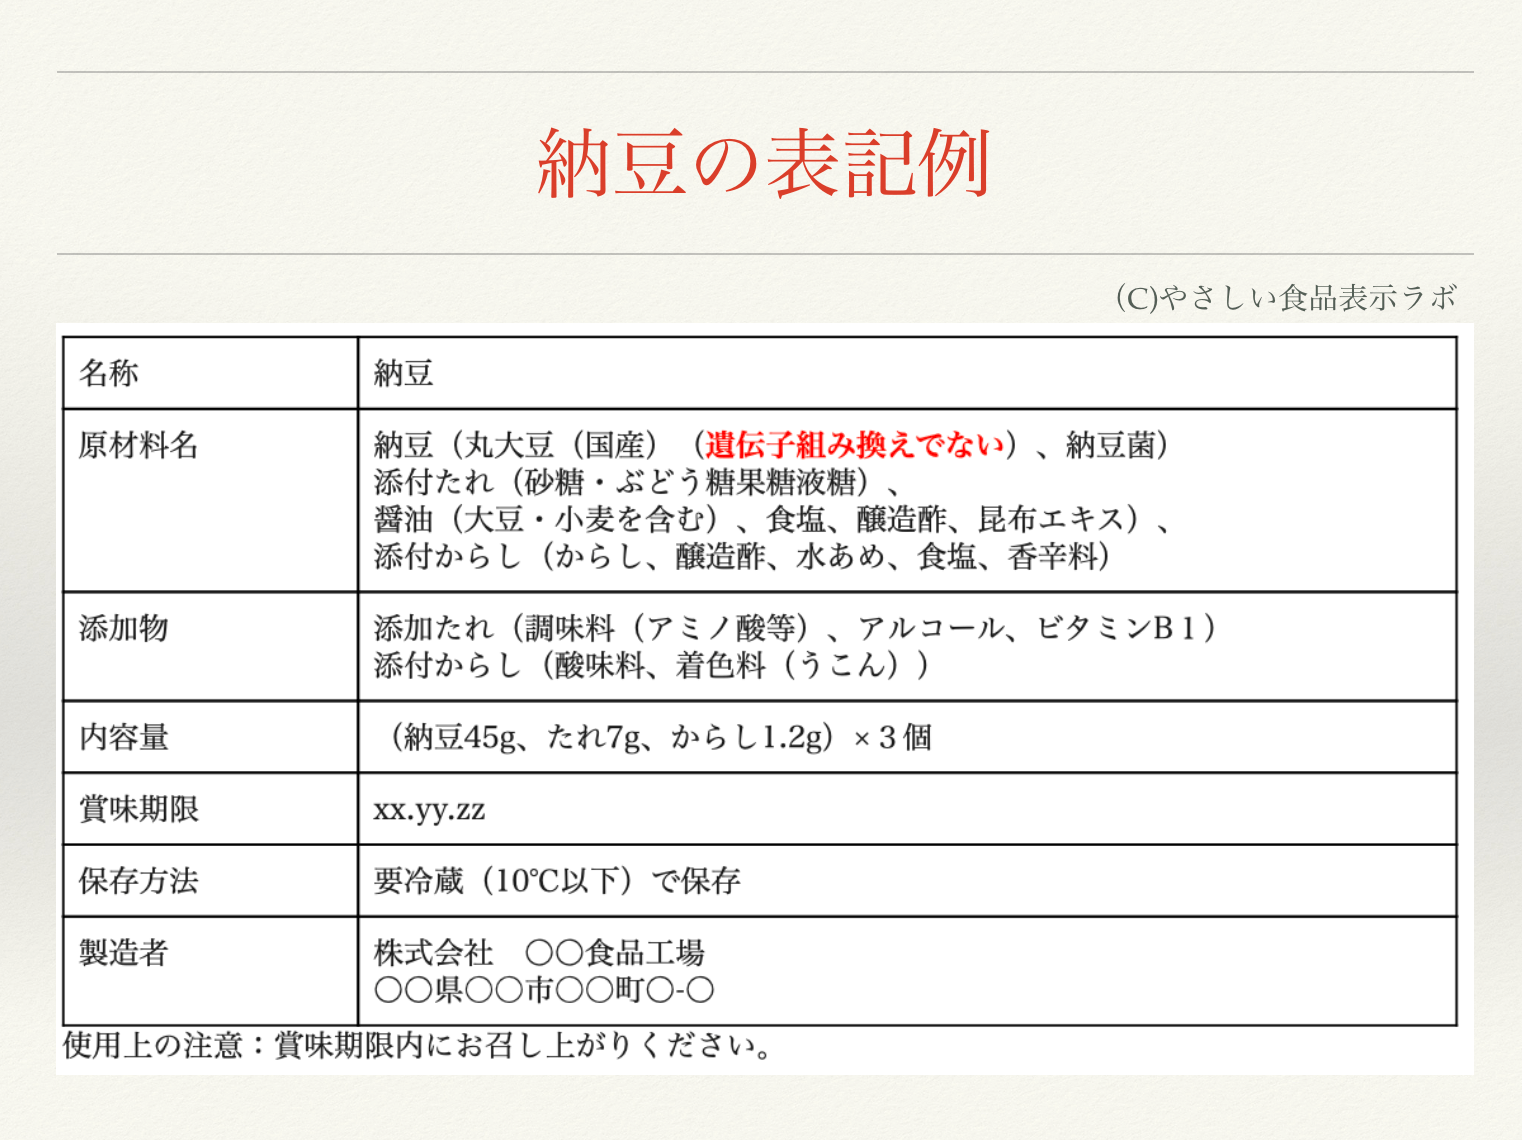 納豆の食品表示例